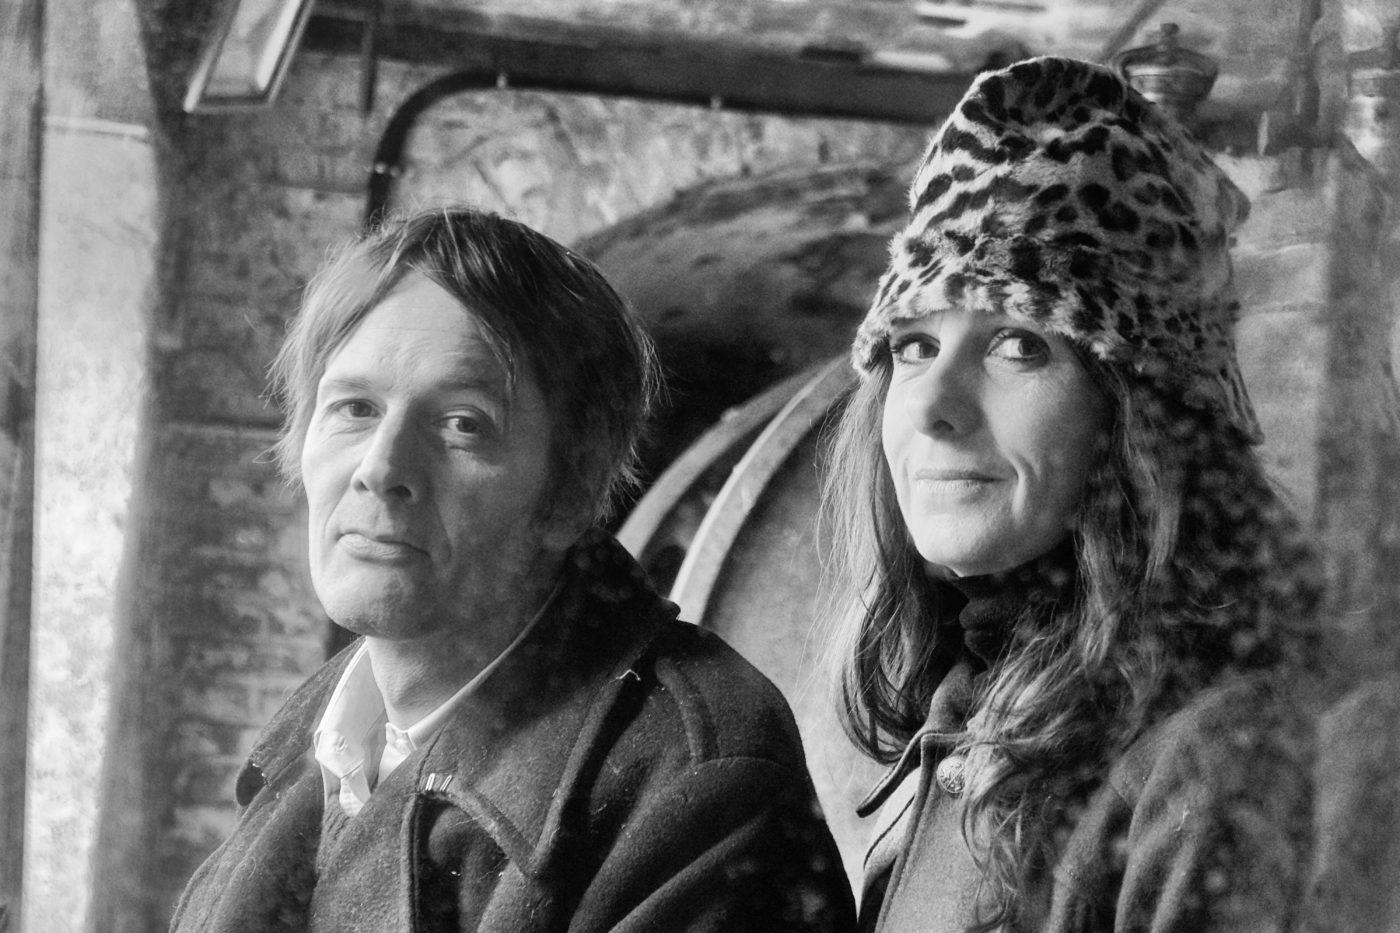 Shelly de Vito et James Porter, artistes et directeurs artistiques des Moulins de Paillard (Poncé-sur-le-Loir, Sarthe) — Pôle Arts Visuels Pays de la Loire